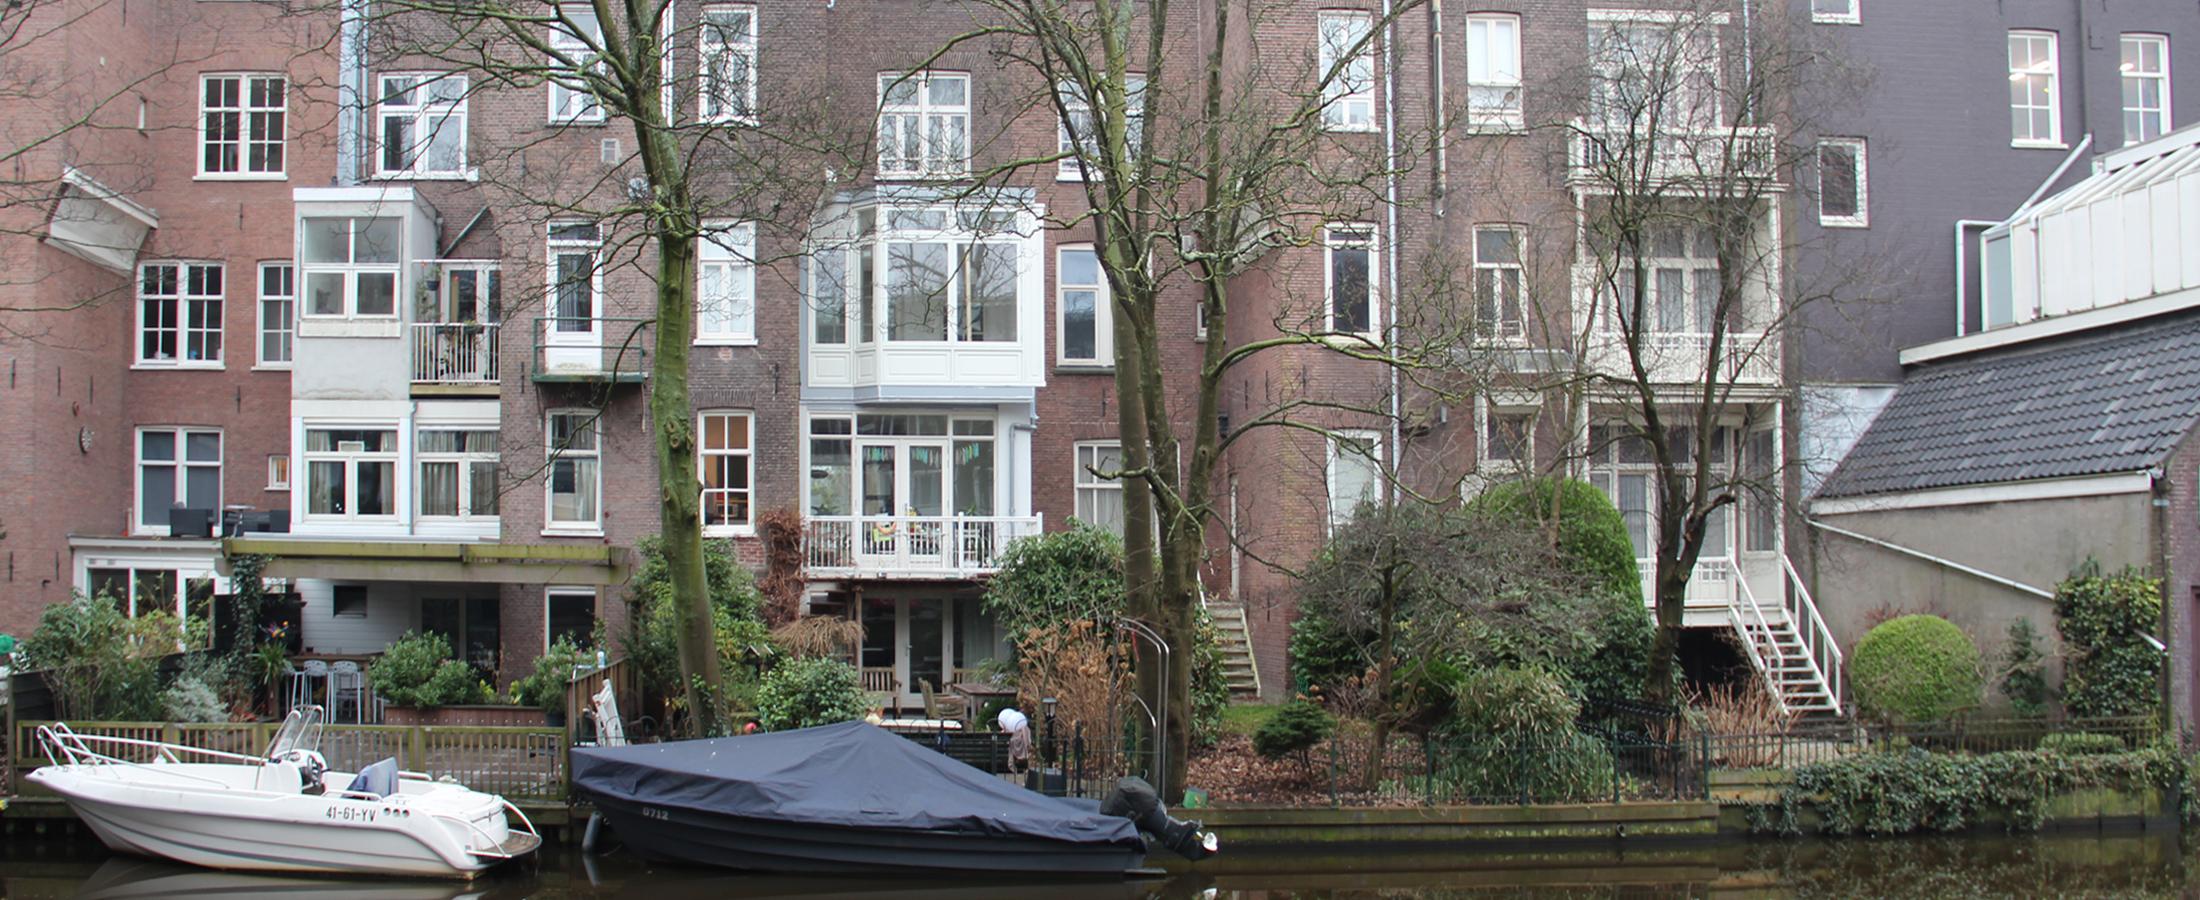 Herenhuis Weteringschans, Amsterdam